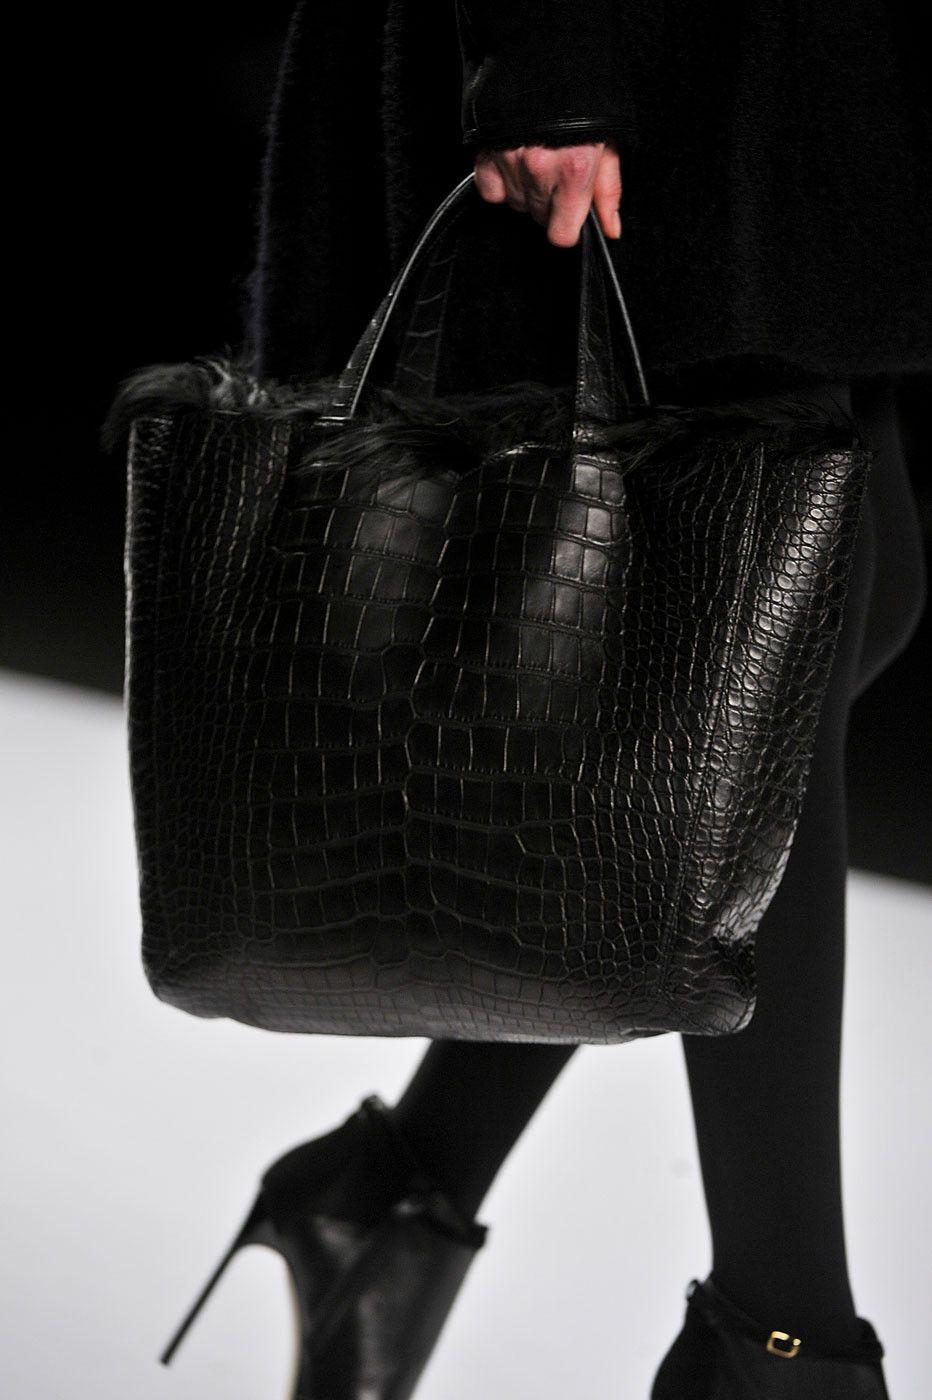 23b89c870b20 Большие сумки женские: виды, где купить, с чем сочетать? Выяснить помогут  опытные стилисты, которые держат руку на пульсе модных тенденций 2018 года.